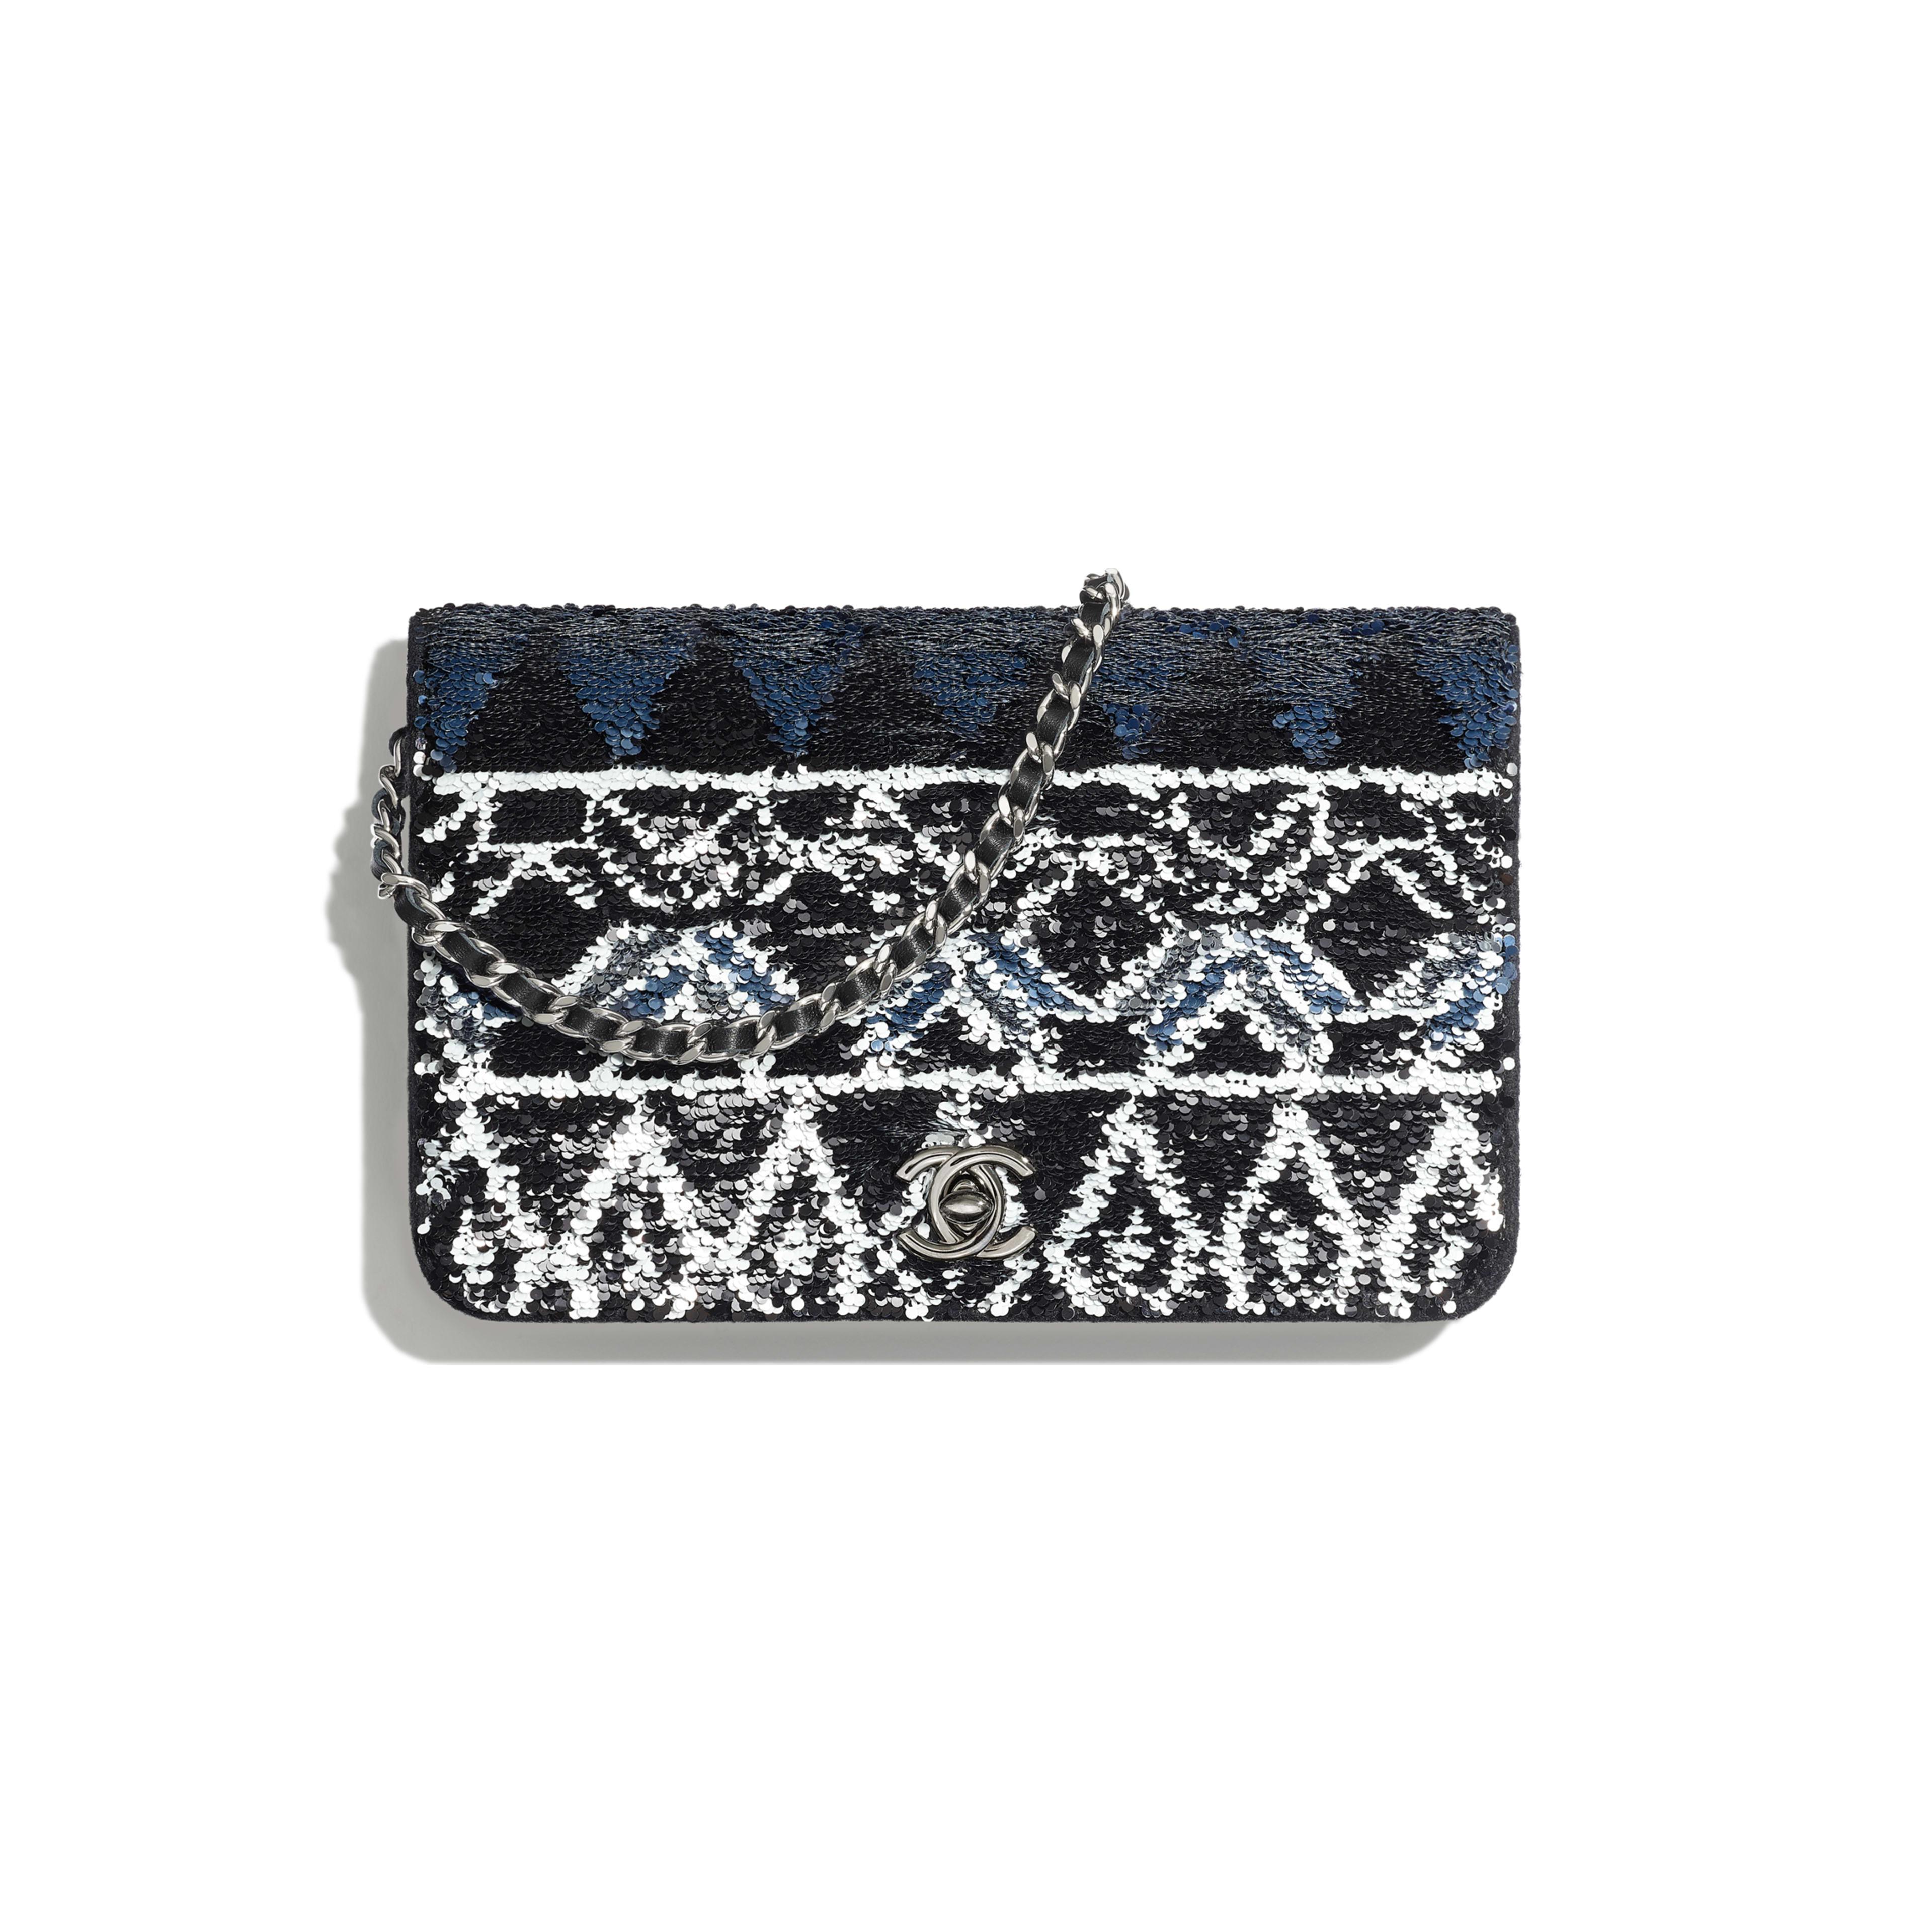 กระเป๋าสตางค์พร้อมสายโซ่ - สีเงินและสีดำ - เลื่อม ใยขนแกะ และโลหะเคลือบรูทีเนียม - มุมมองปัจจุบัน - ดูเวอร์ชันขนาดเต็ม